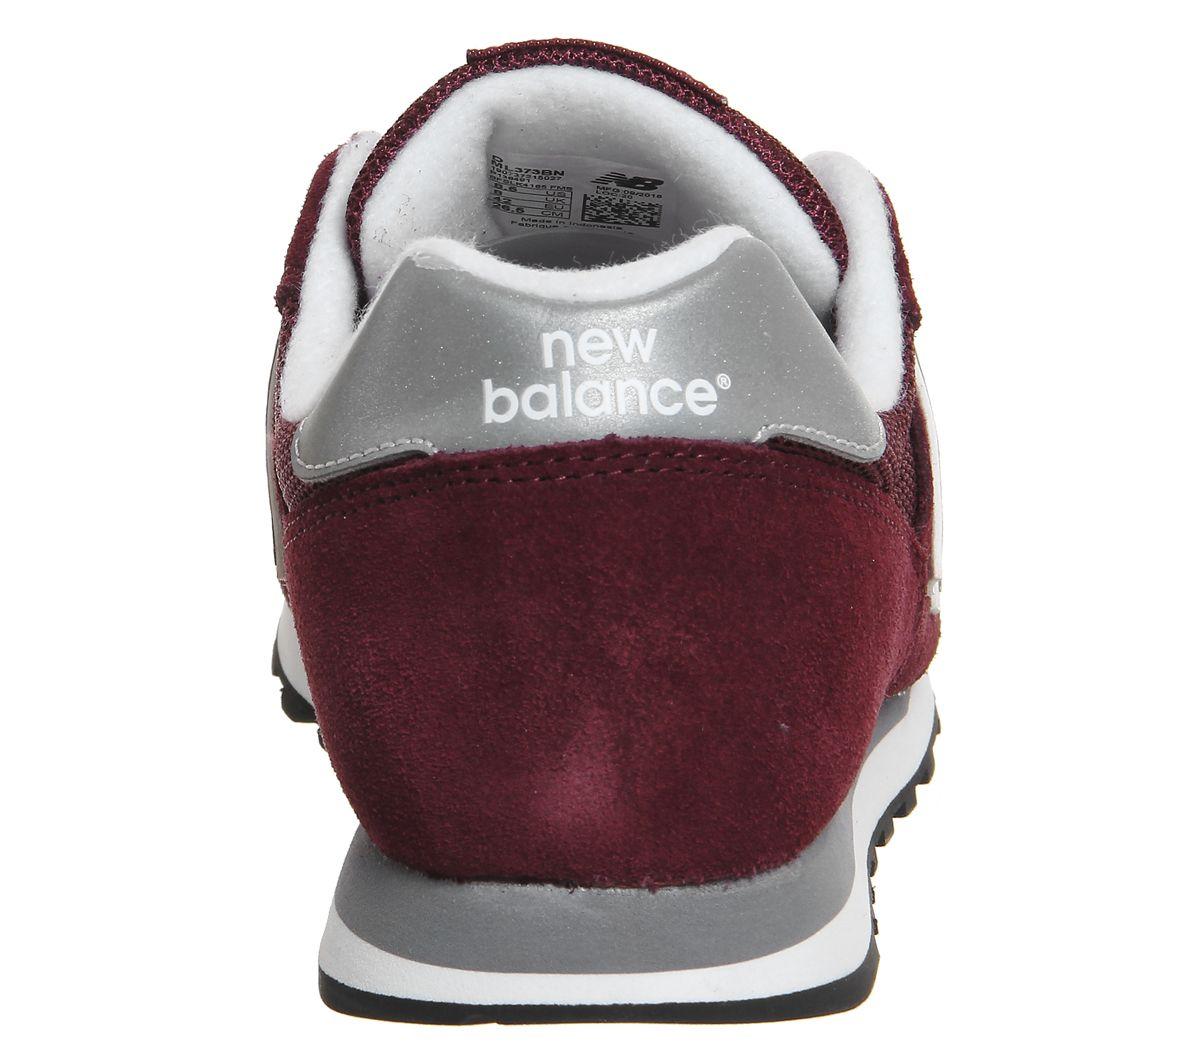 Hommes-New-Balance-373-Bordeaux-Argent-Baskets miniature 10